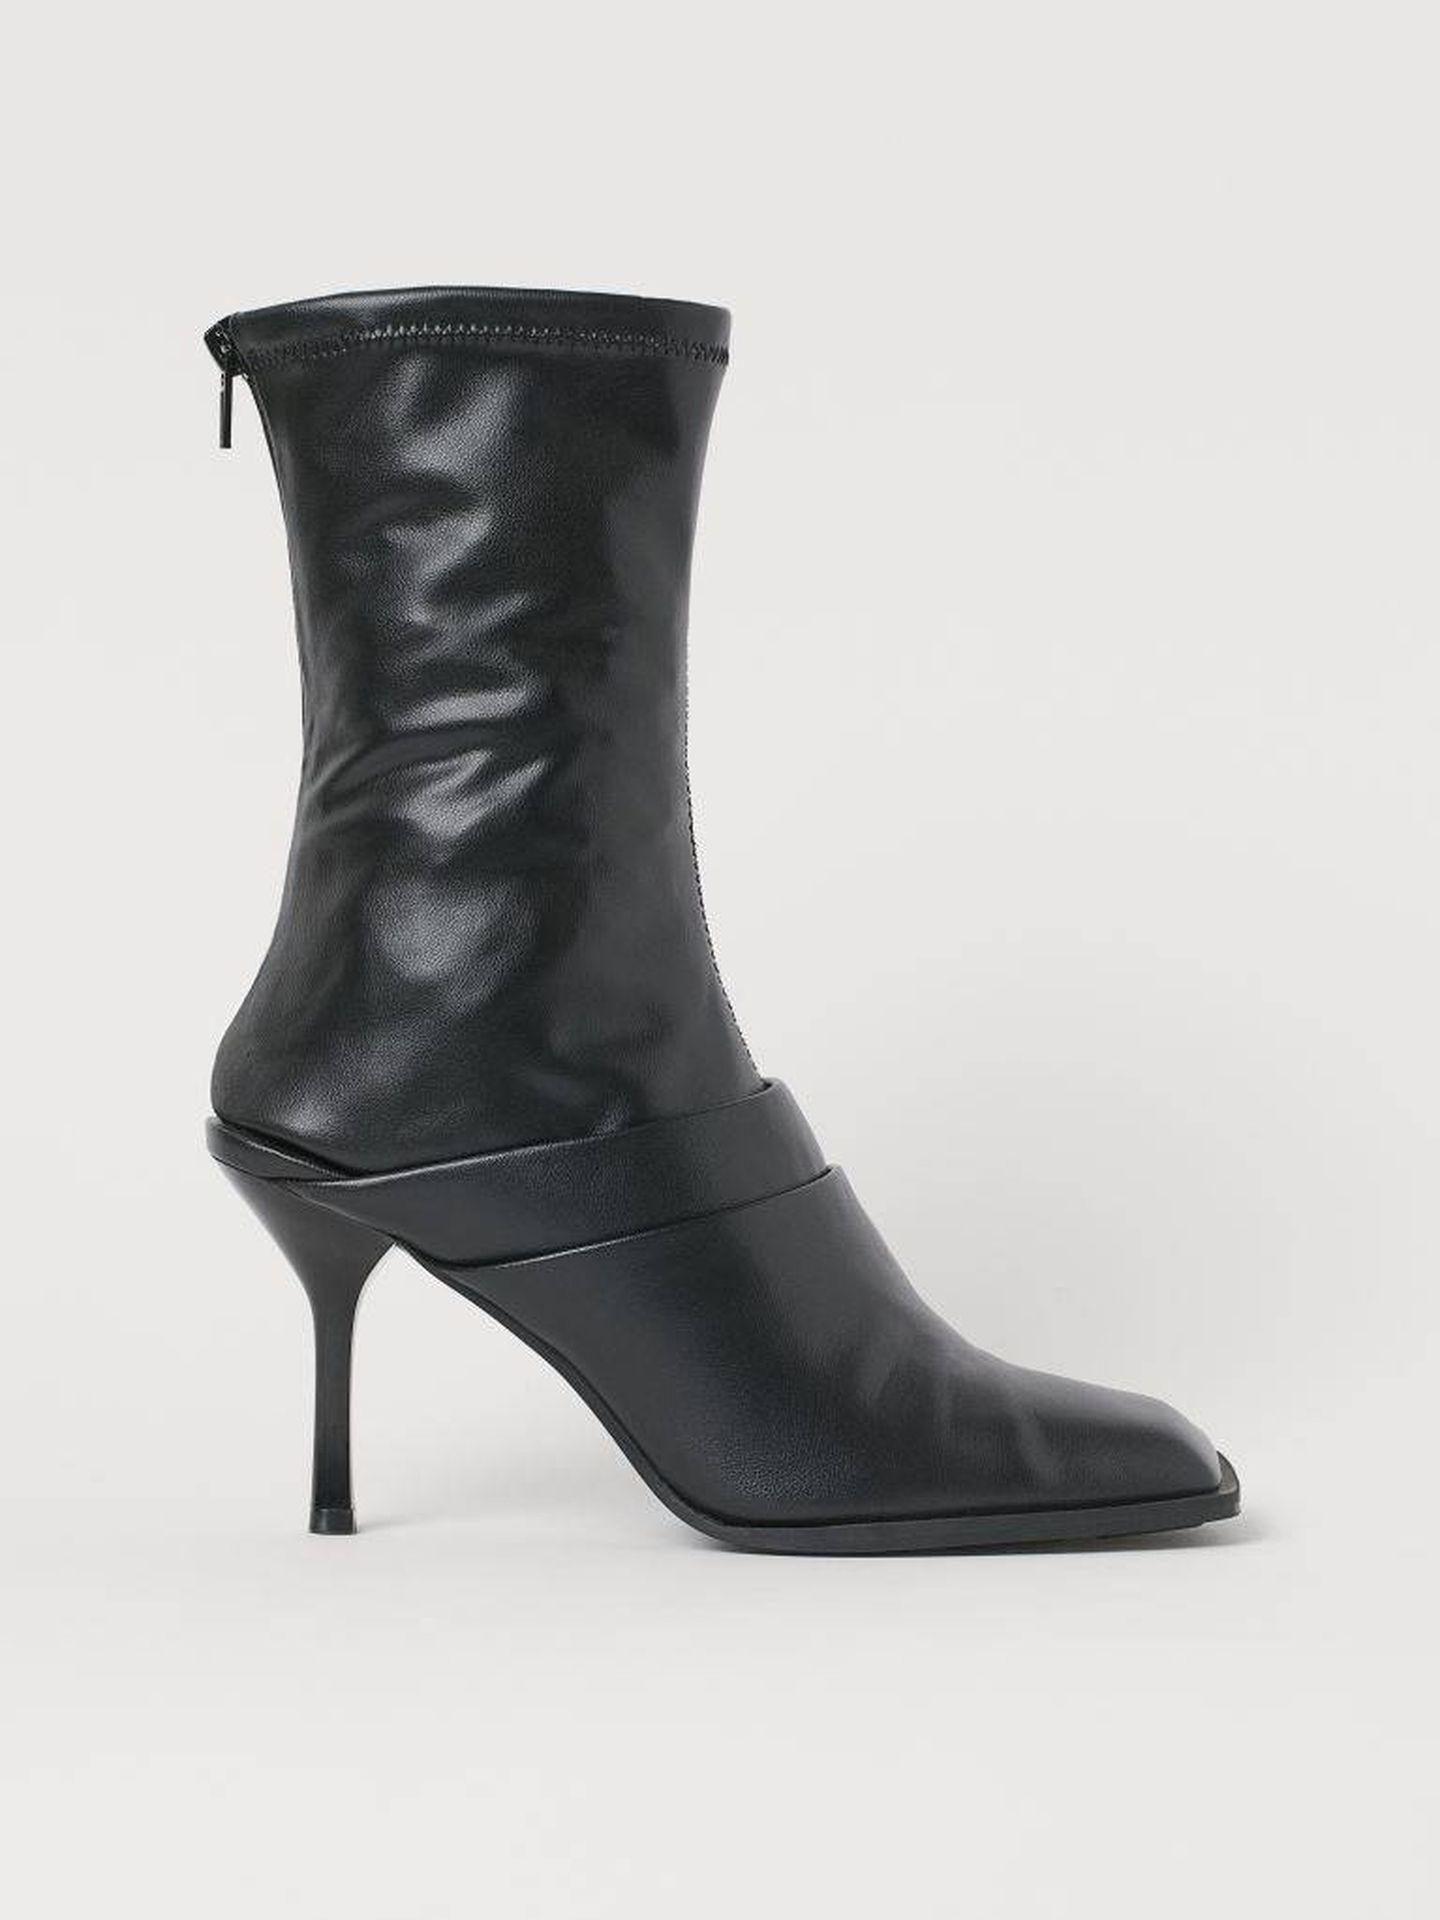 Las botas de HyM. (Cortesía)